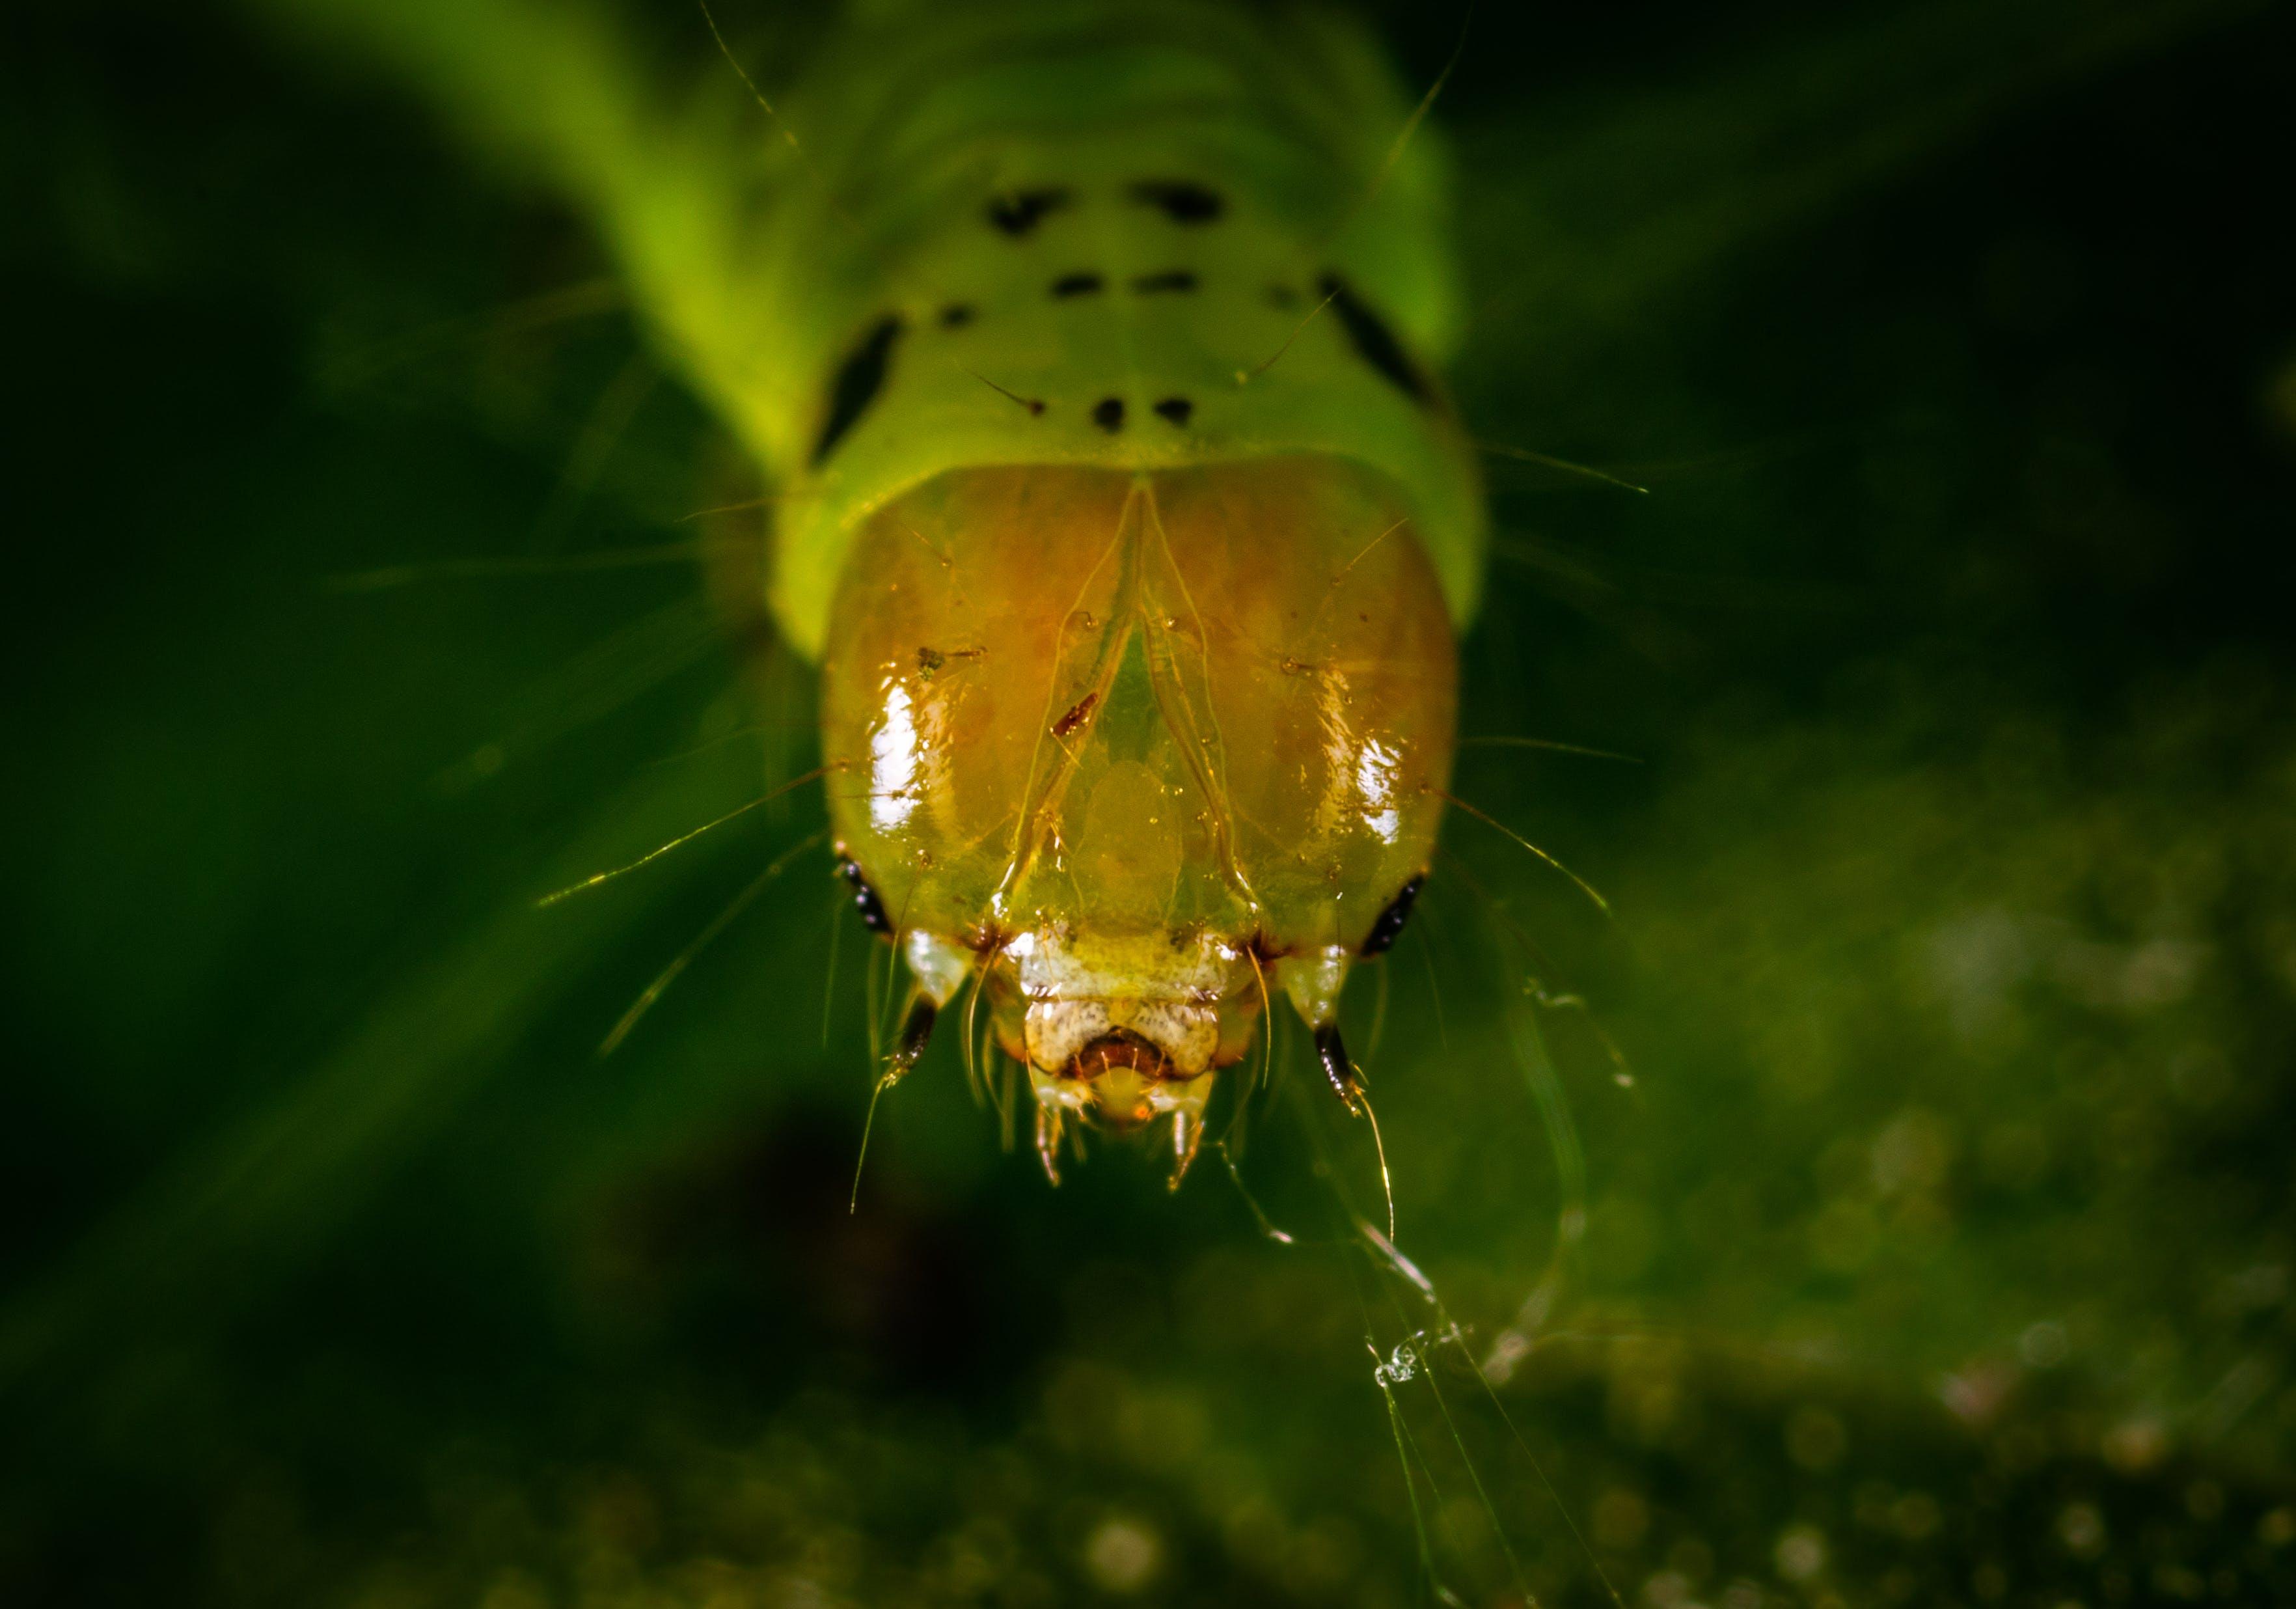 Caterpillar Close-up Photography